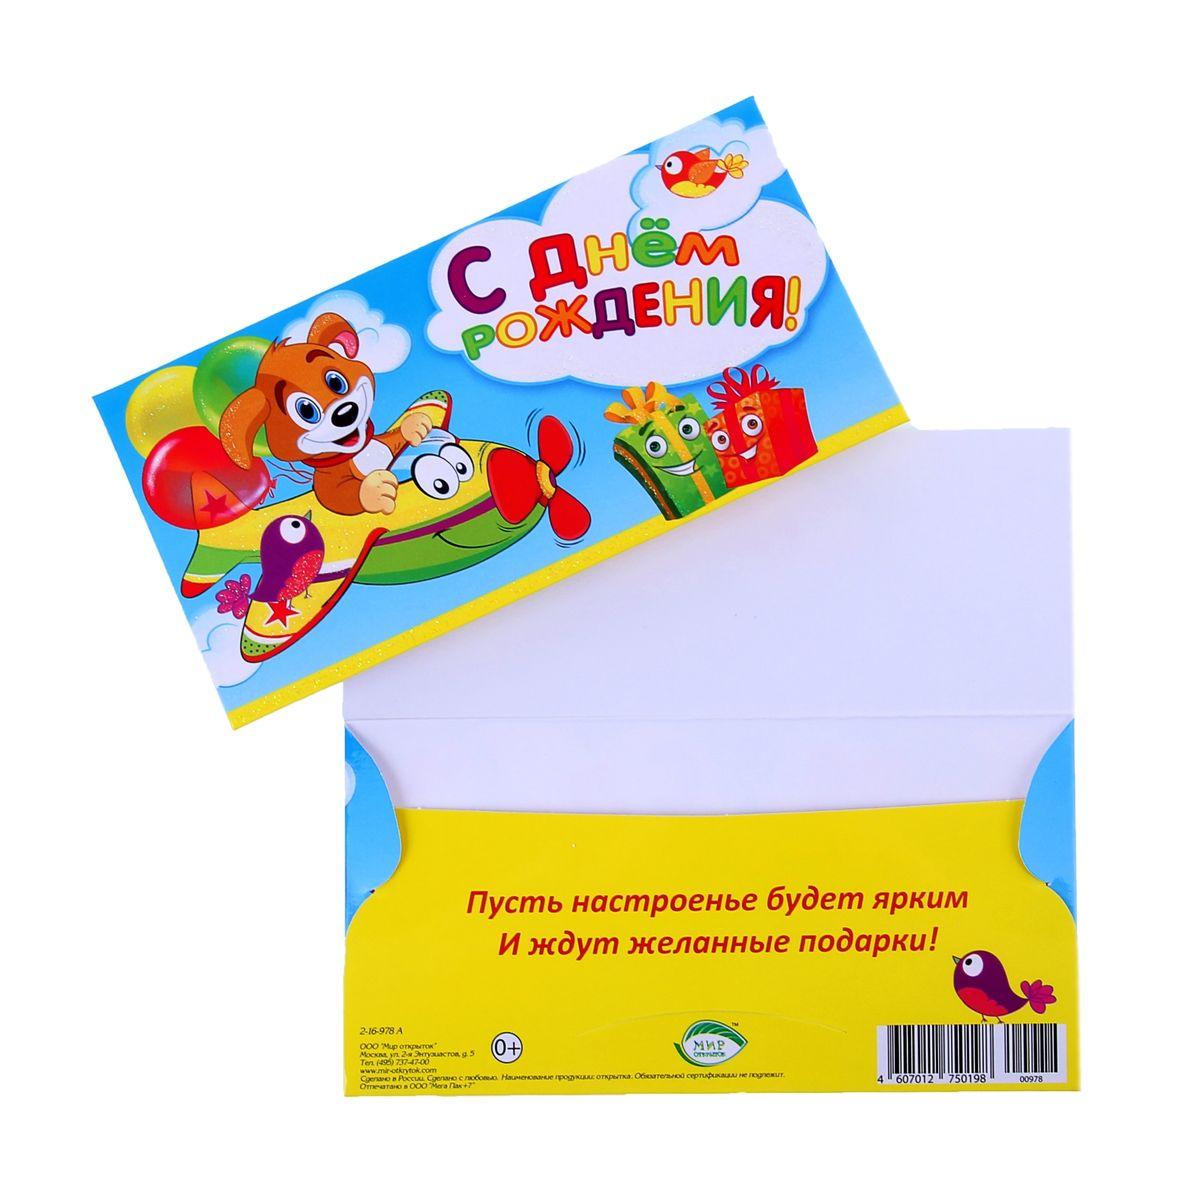 Конверт для денег С днем рождения!. 1094518 конверт для денег с днем рождения 1092050